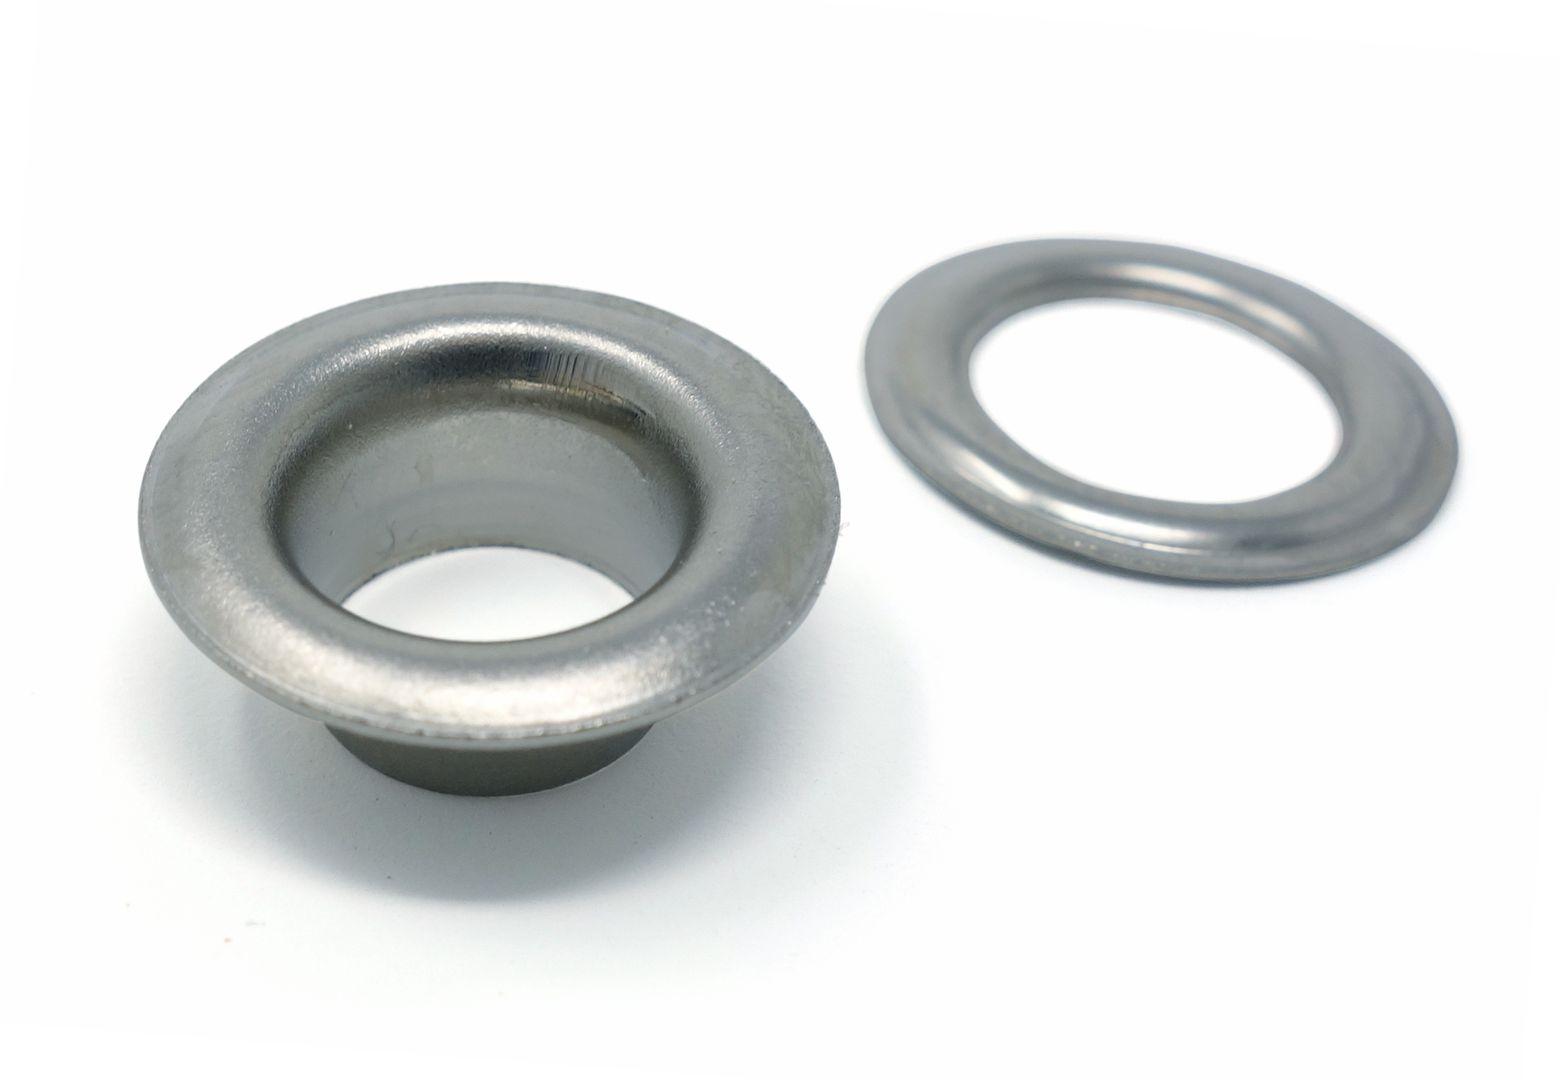 100 x 9,2 mm selbstlochende Ösen mit Scheibe (rostfrei) für Ösenpressen und Einschlagwerkzeuge – Bild 3